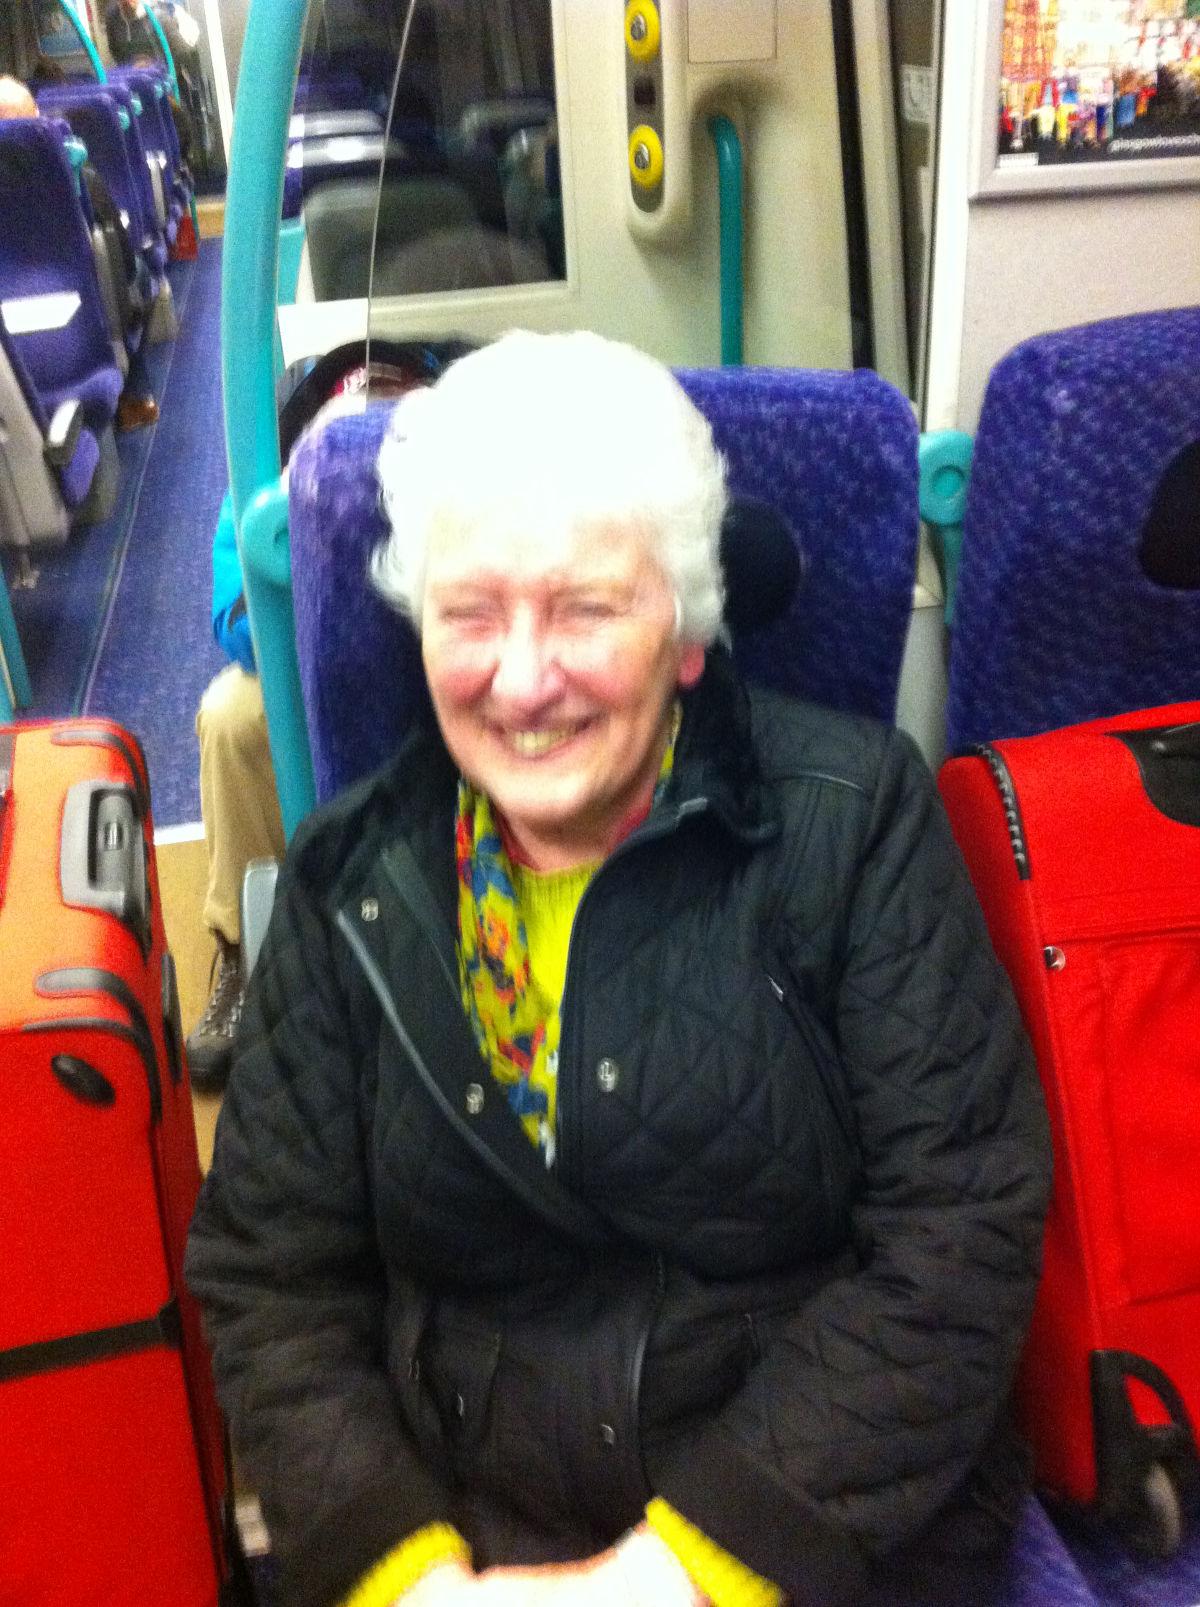 Margaret McVicar joining me for the final trek from Edinburgh